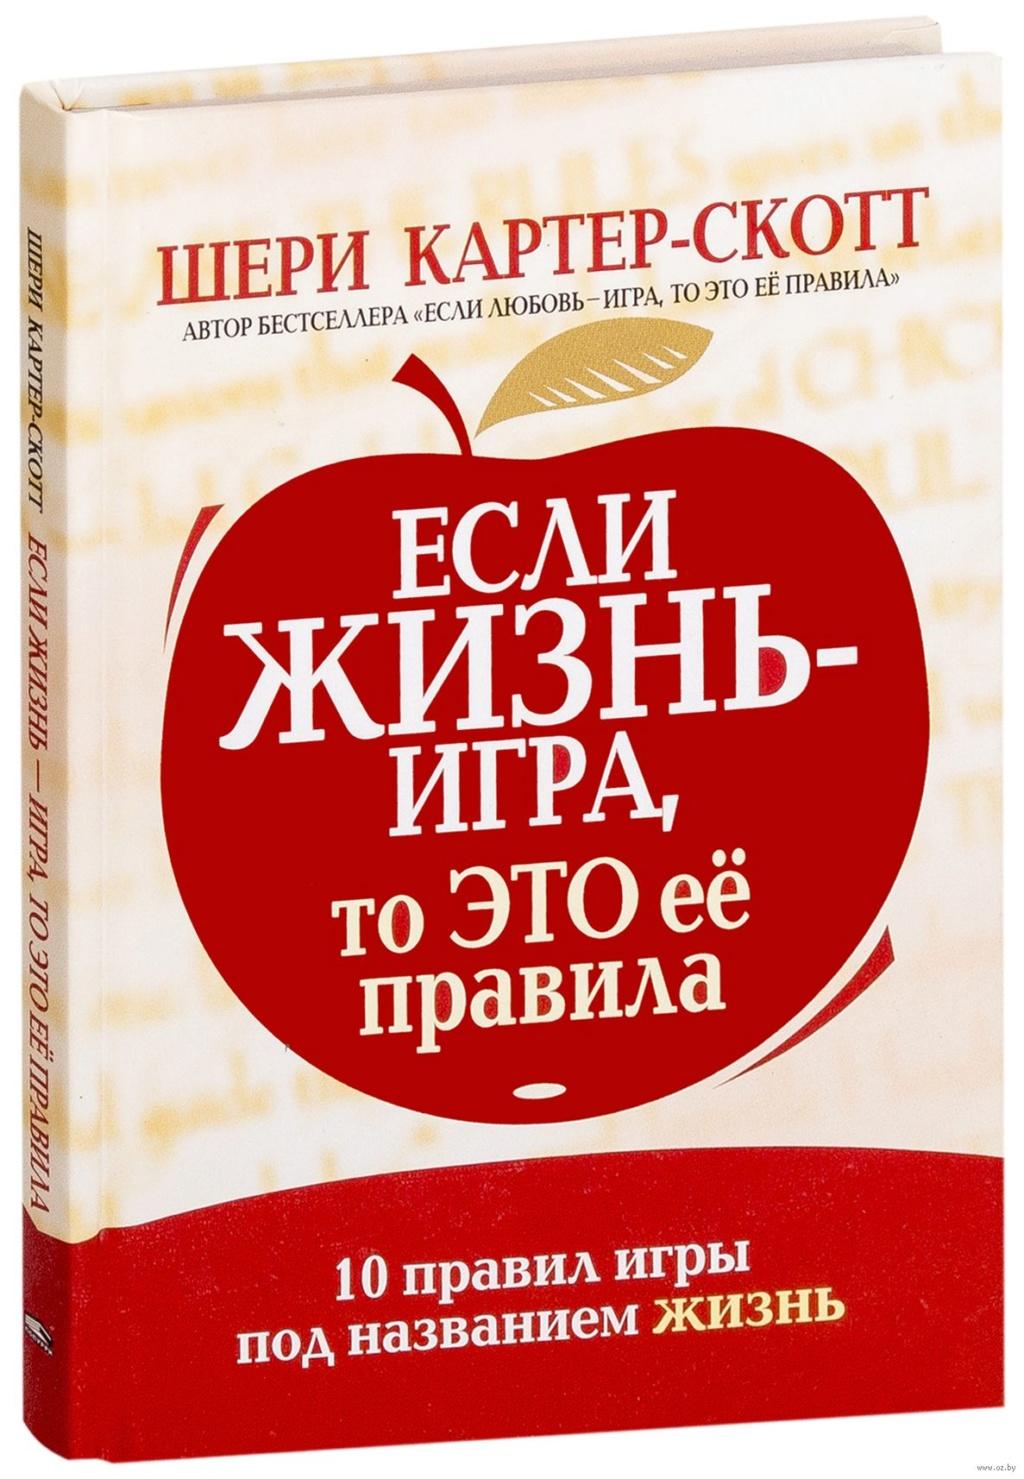 Инструкция для жизни U_a10